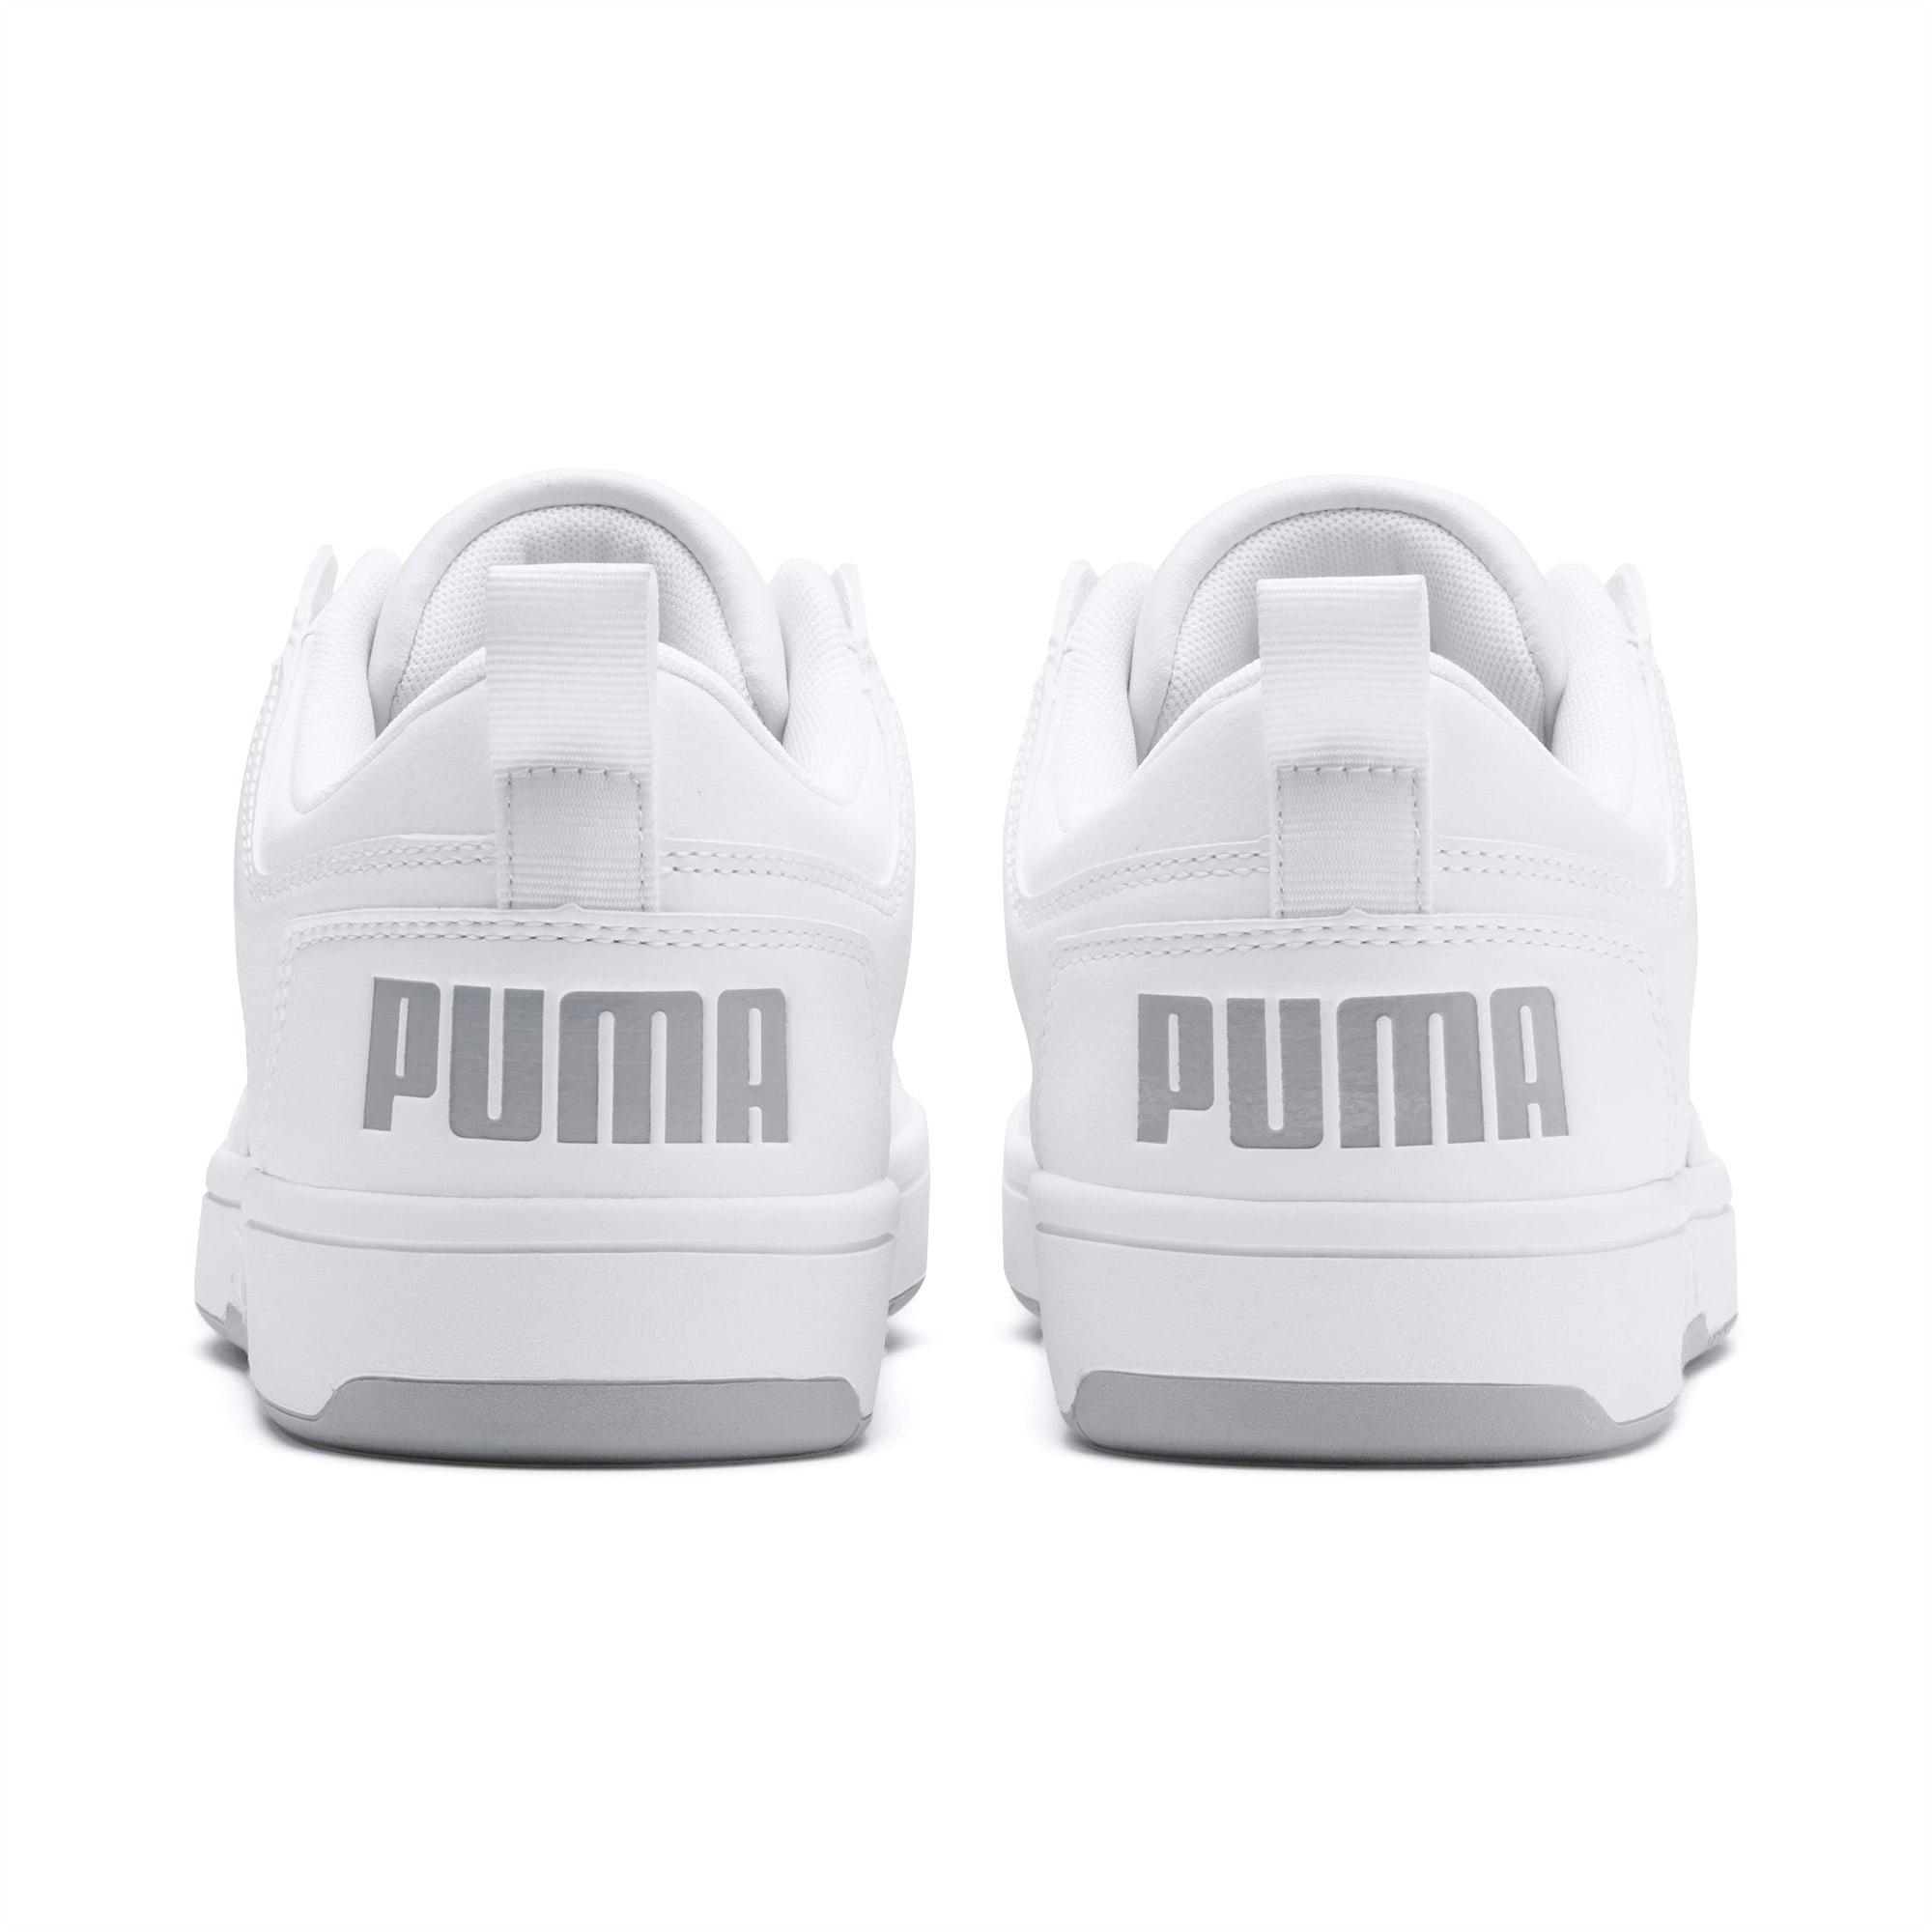 PUMA Rebound Layup Sl Baskets Mixte Adulte